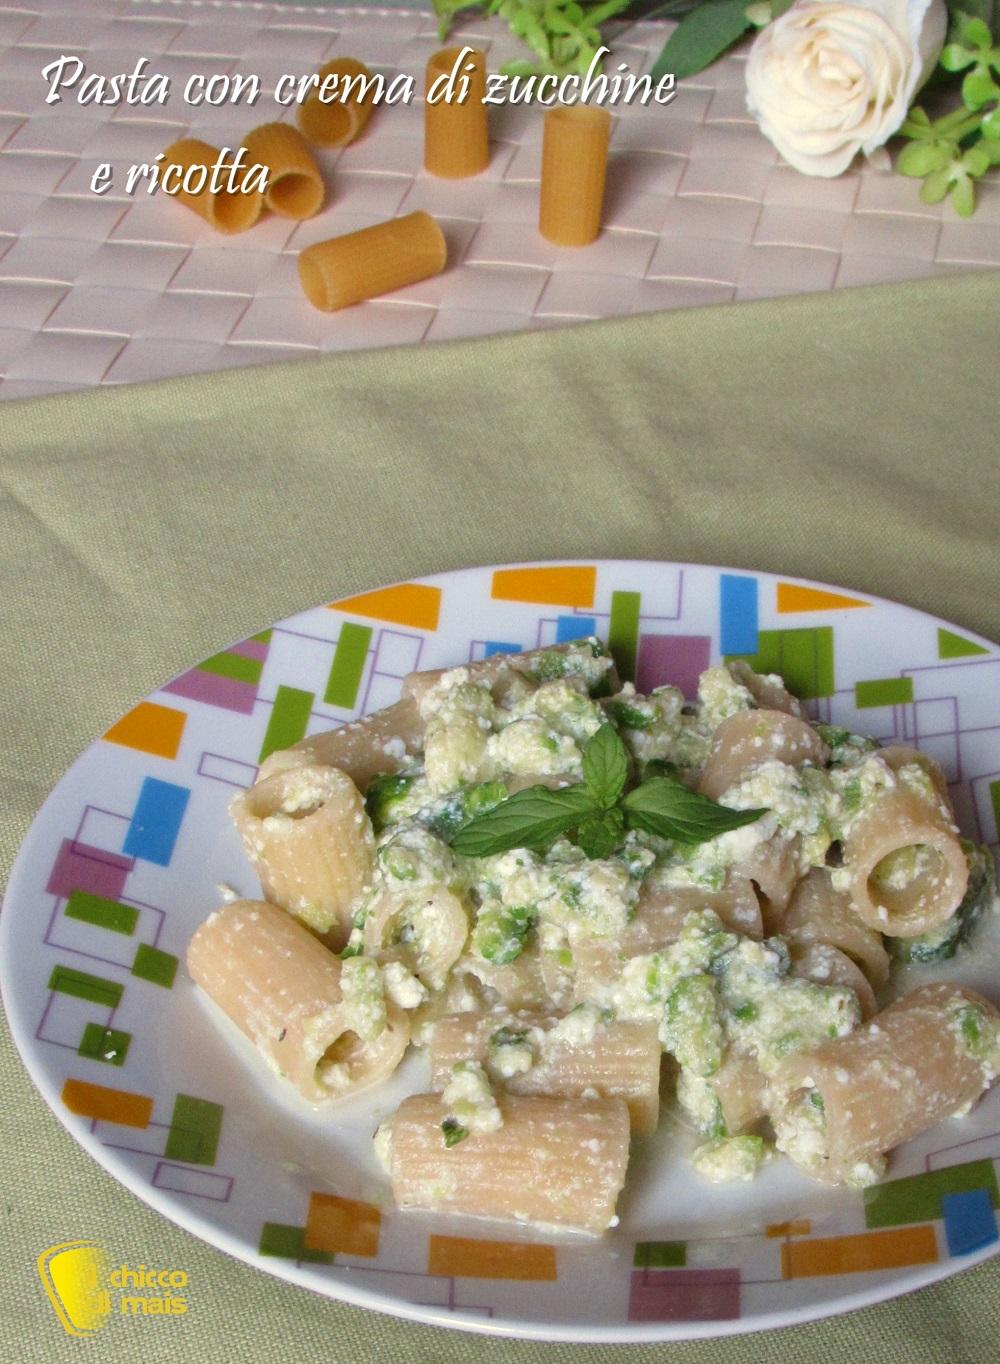 verticale_Pasta con crema di zucchine e ricotta ricetta leggera poche calorie senza grassi il chicco di mais